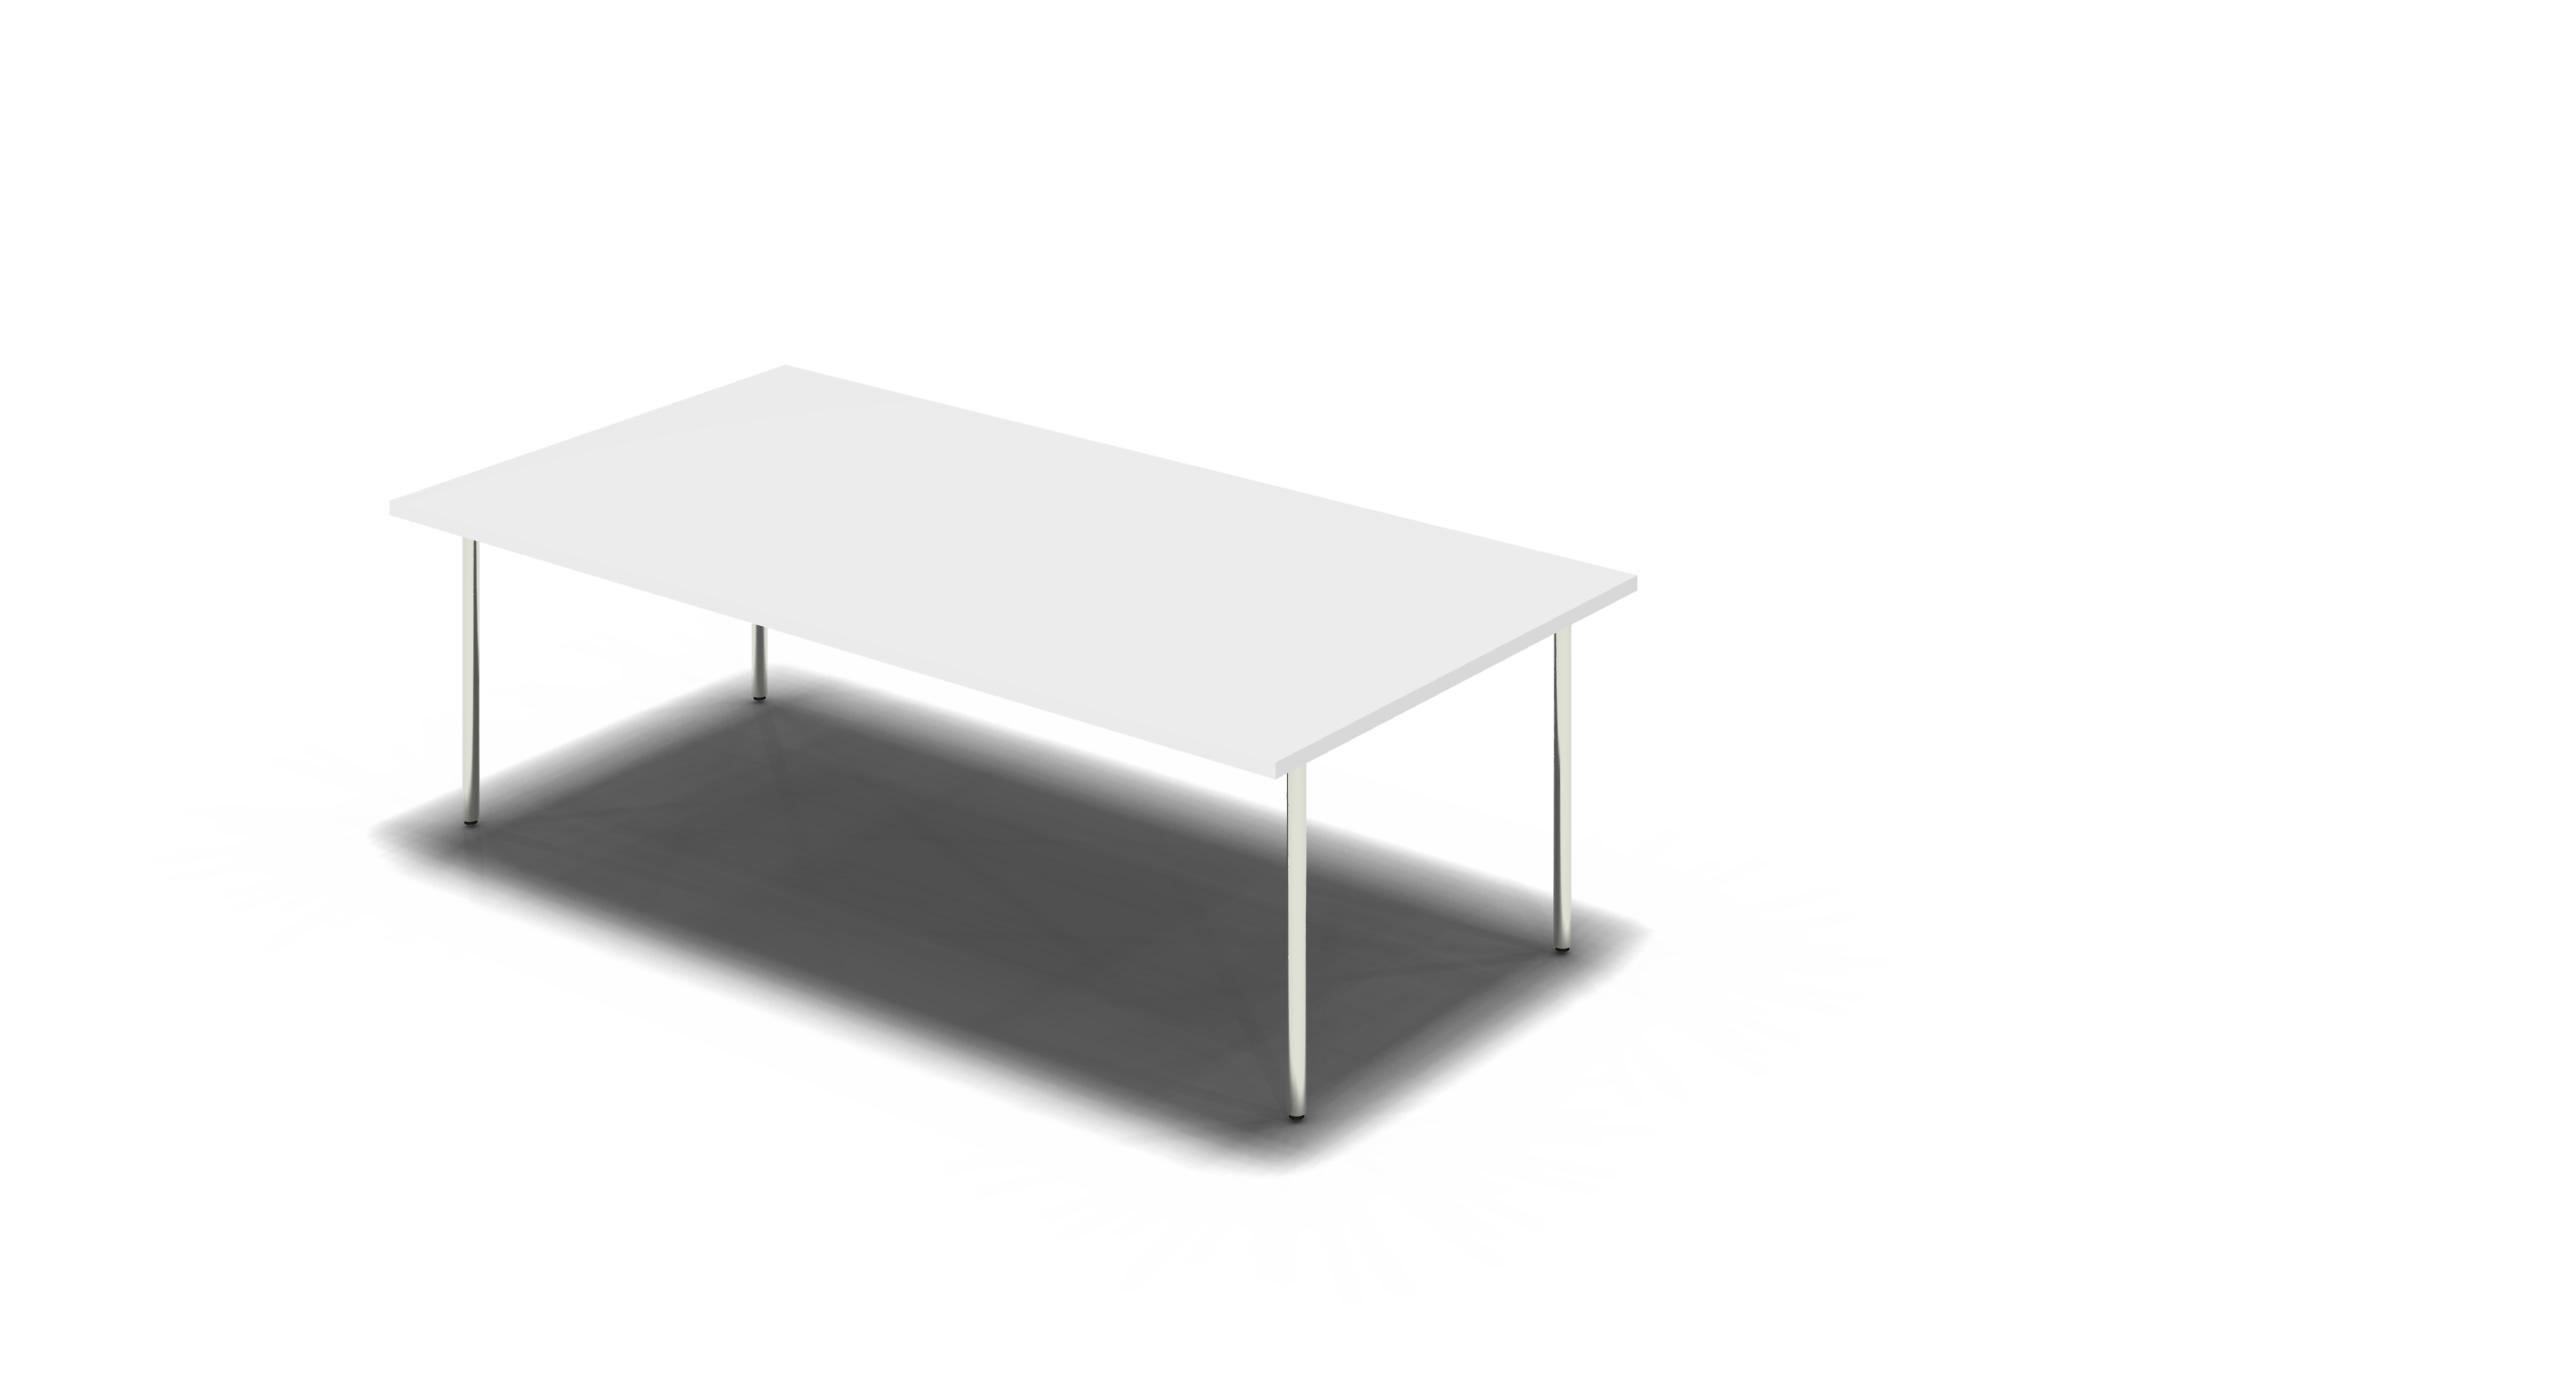 Table_Round_2100x1050_Chrome_White_noOption